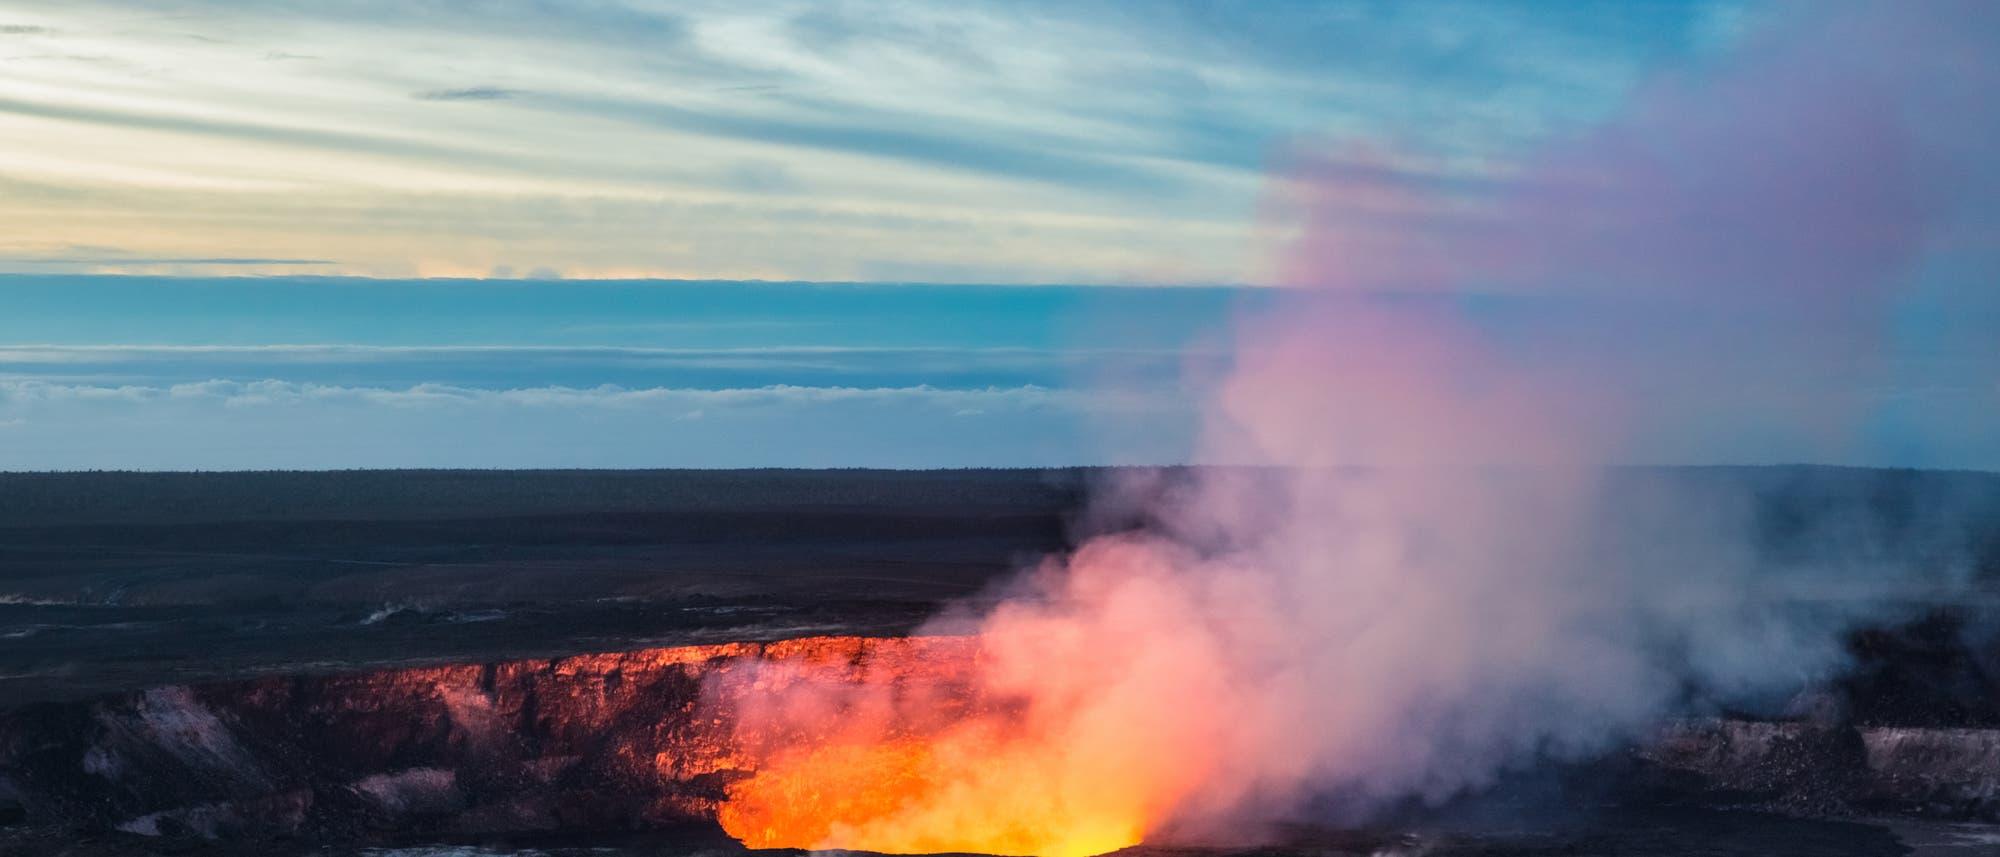 Blick auf den Gipfelkrater des Kilauea mit Lavasee, im Hintergrund Wolken.